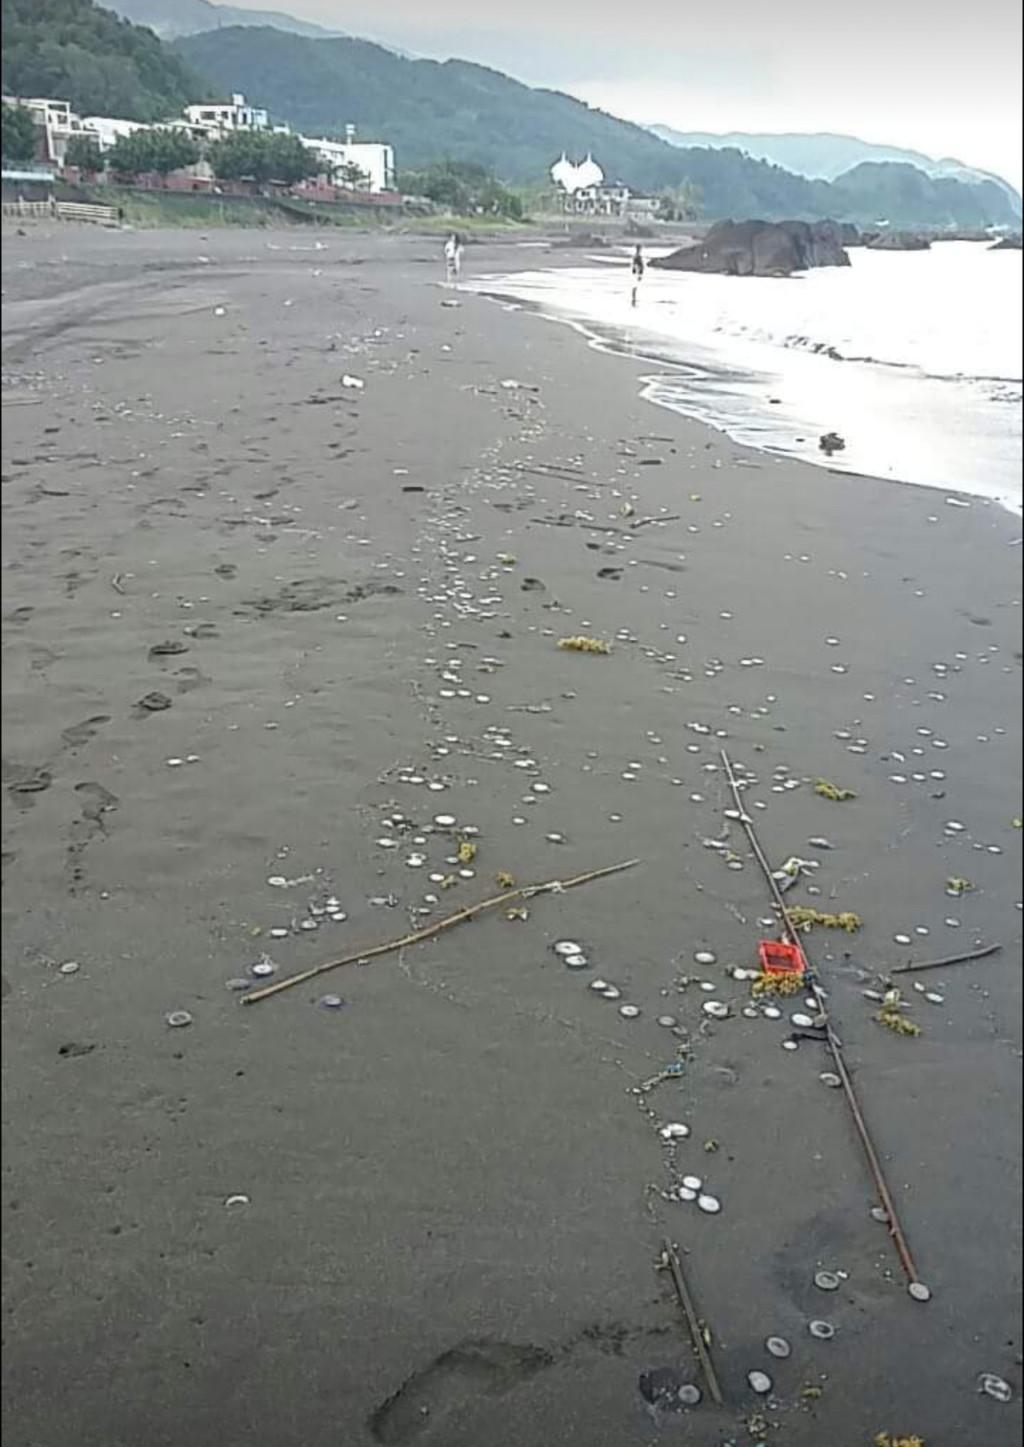 銅板別亂撿!海灘驚現大量「十元硬幣」 手癢亂撿包你秒送醫